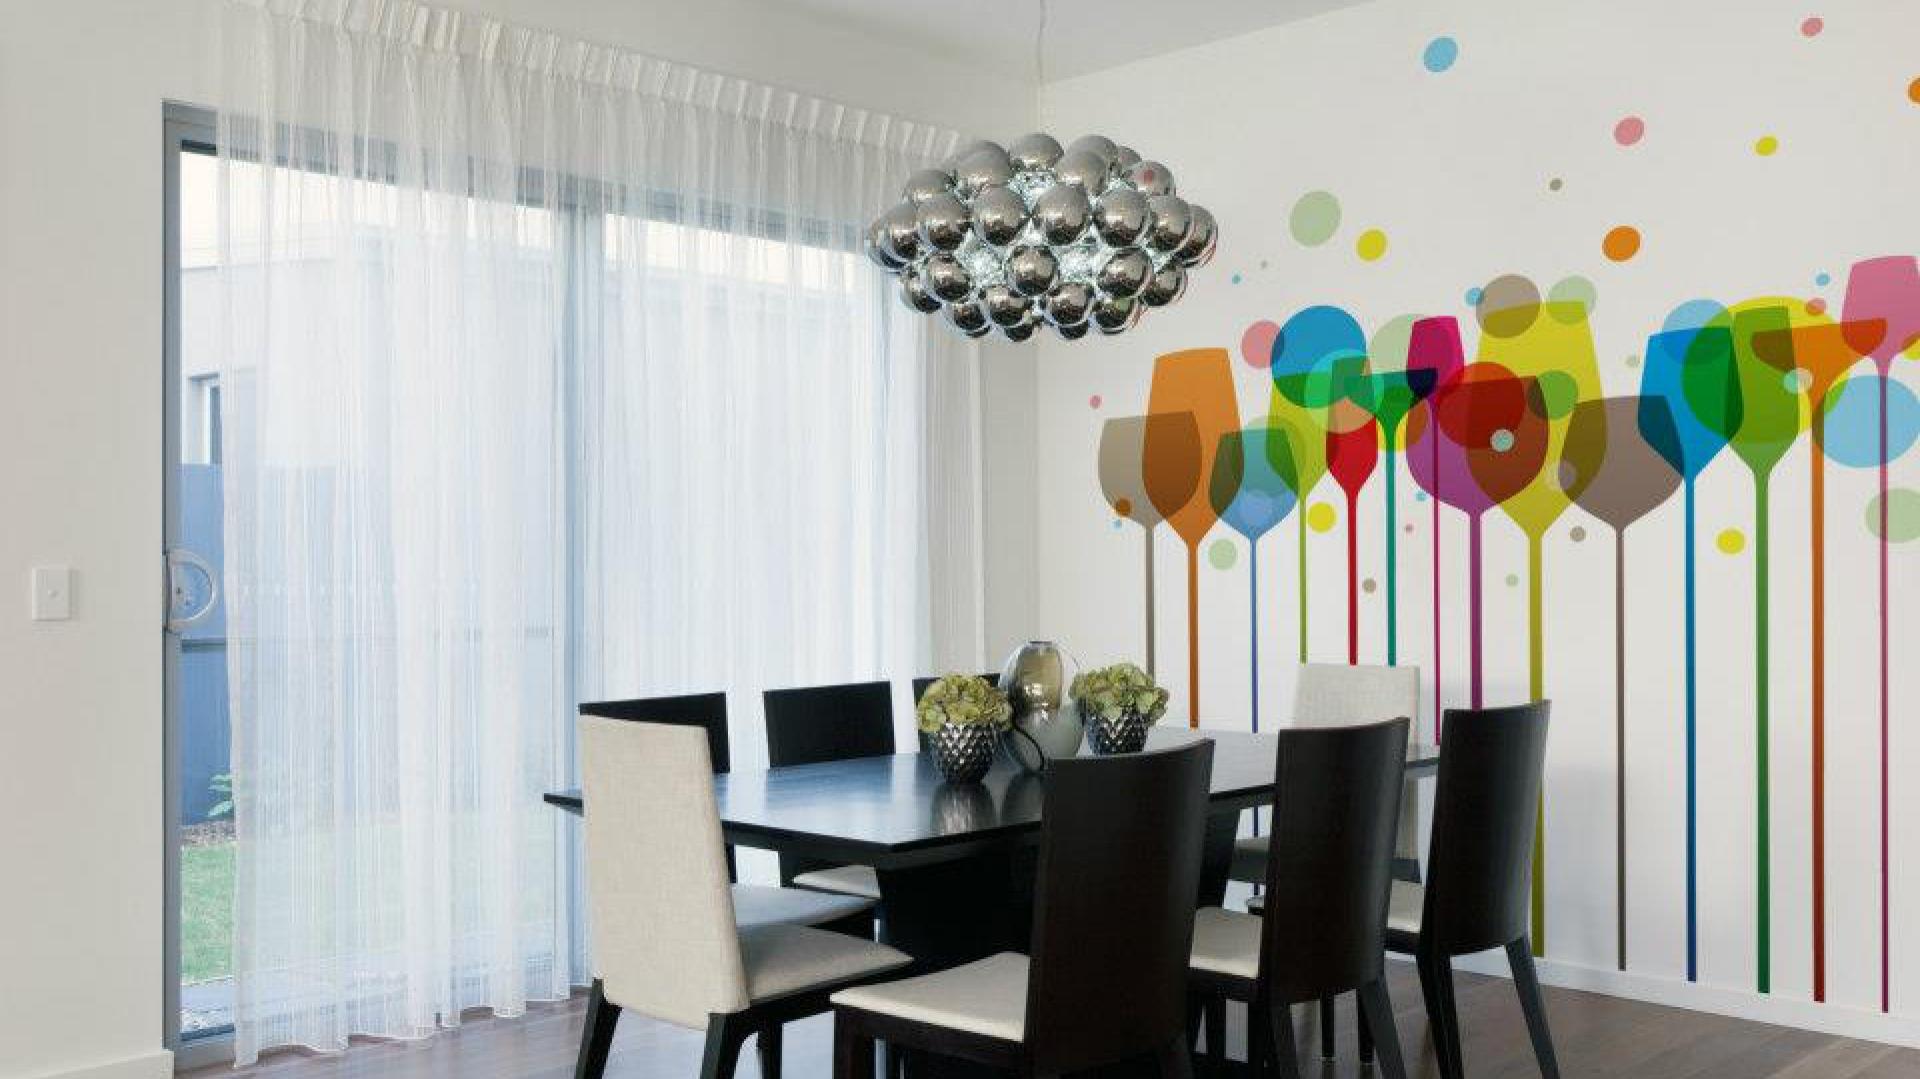 Ścianę w jadalni pokrywa fototapeta z grafiką, przedstawiającą różnokolorowe kieliszki. Paleta tęczowych barw ożywia powściągliwą aranżację wnętrza, utrzymanego w stonowanych kolorach. Fot. Minka.pl.